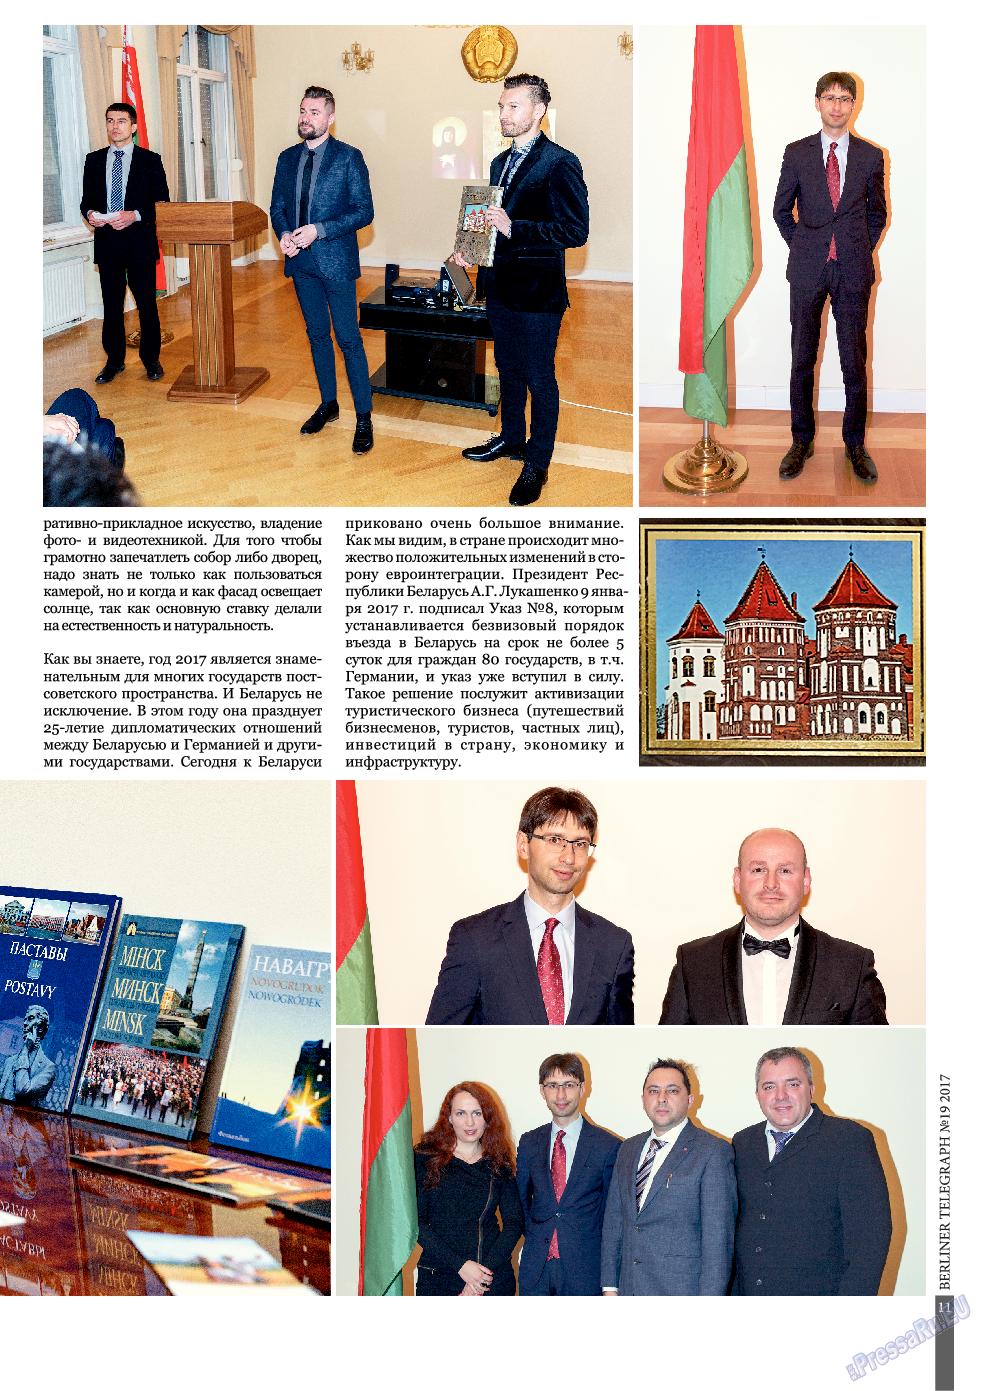 Берлинский телеграф (журнал). 2017 год, номер 19, стр. 11